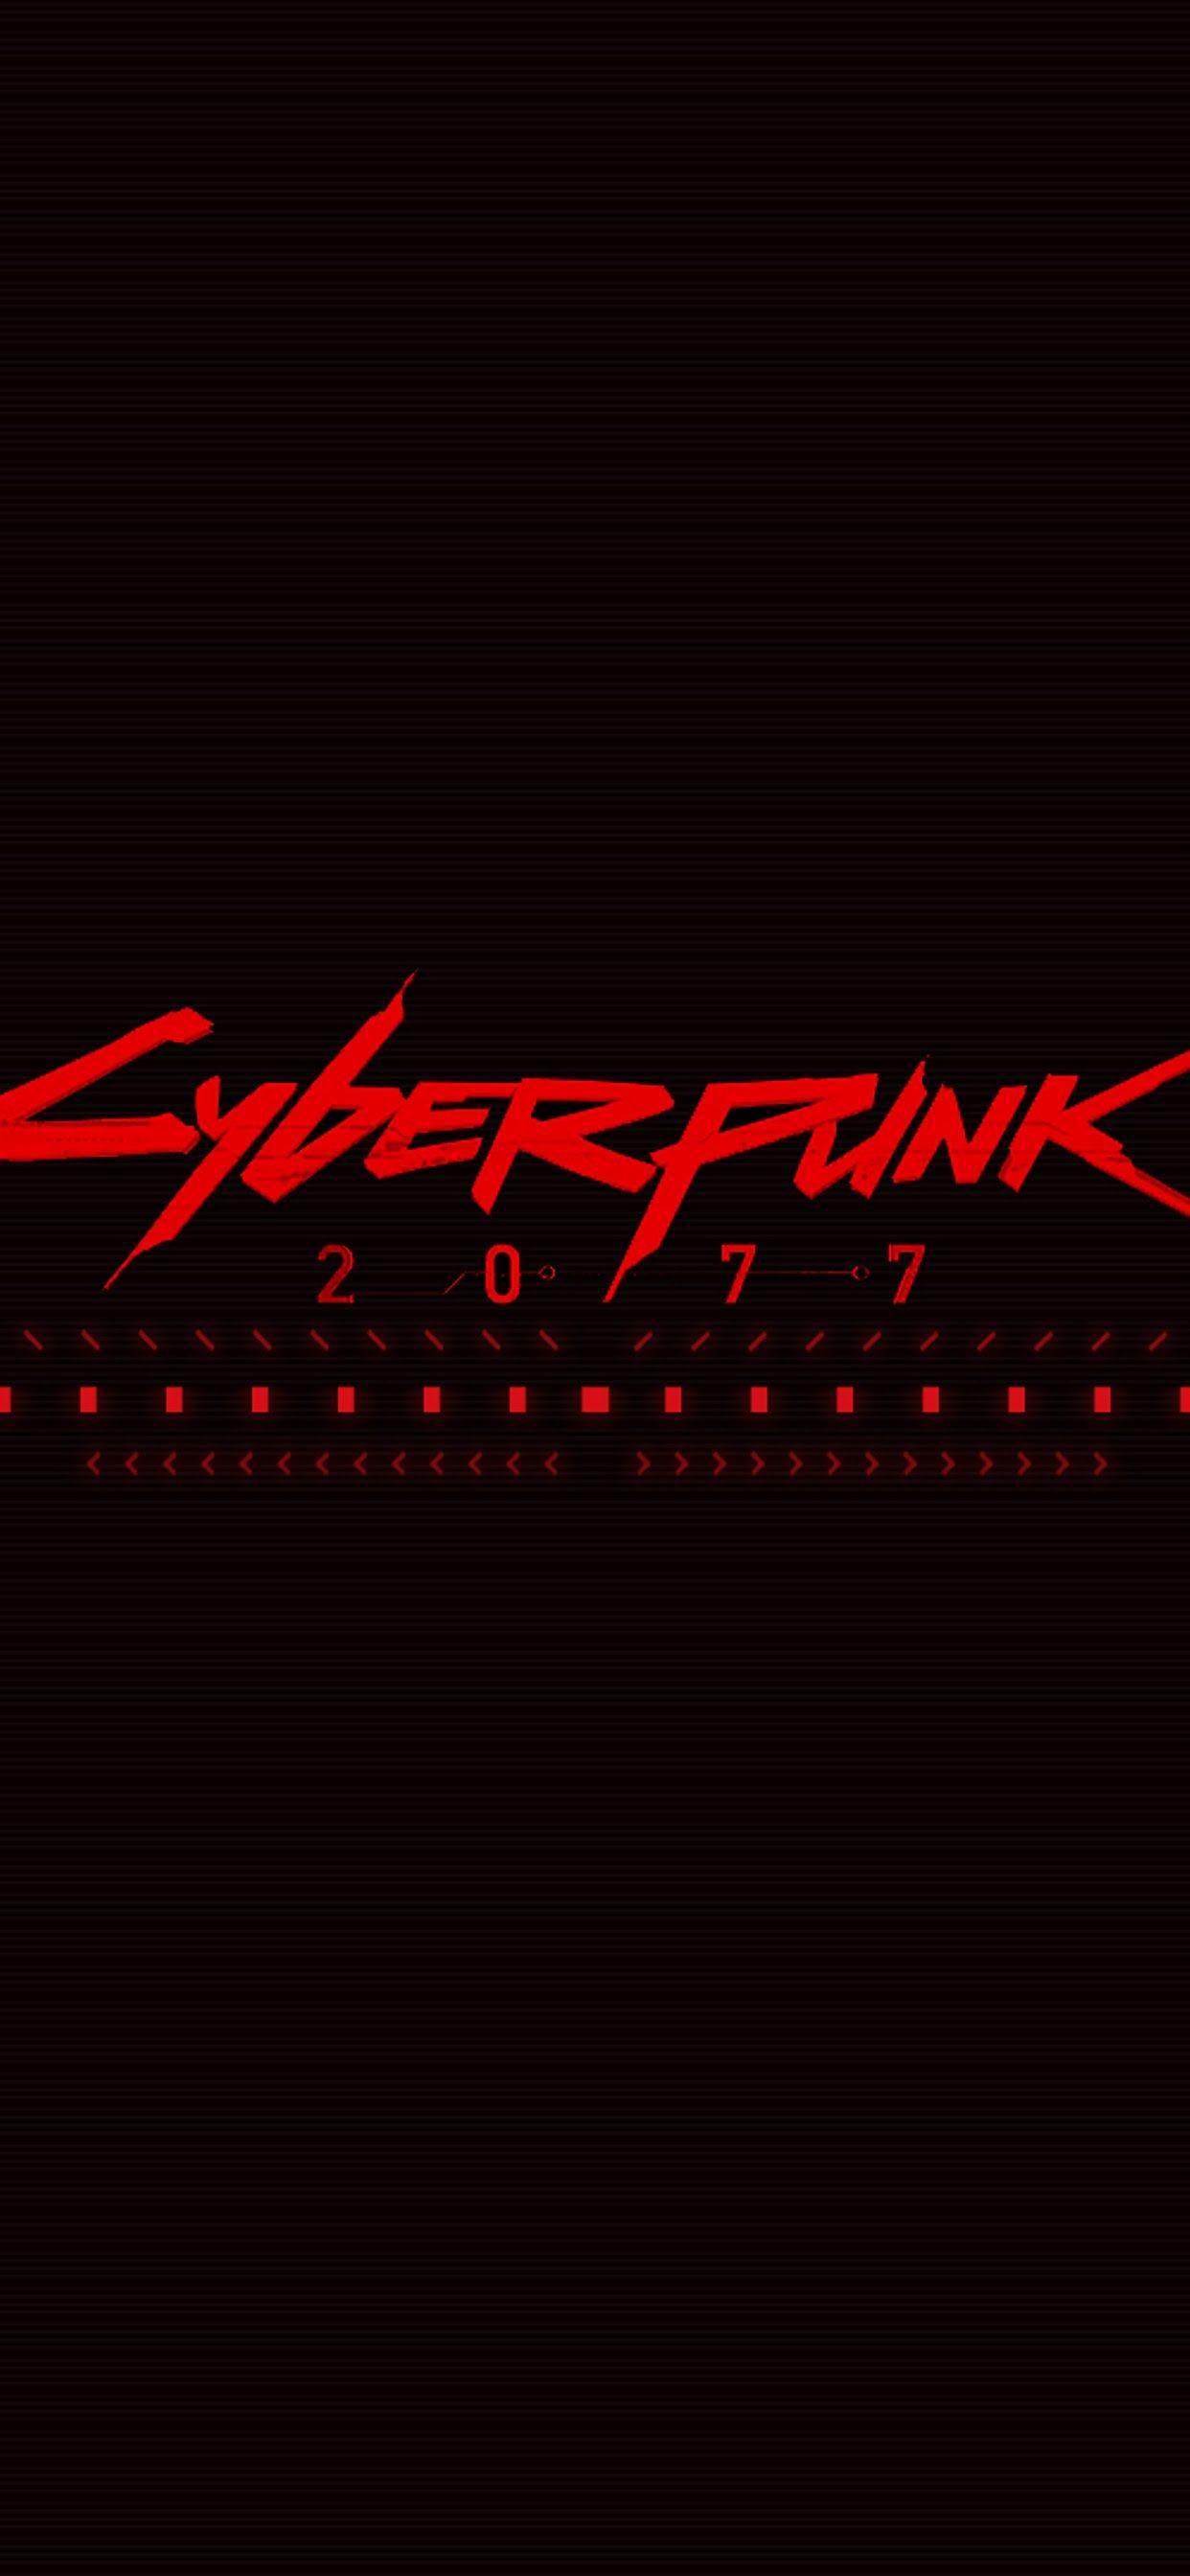 Cyberpunk 2077 Logo Wallpapers - Wallpaper Cave